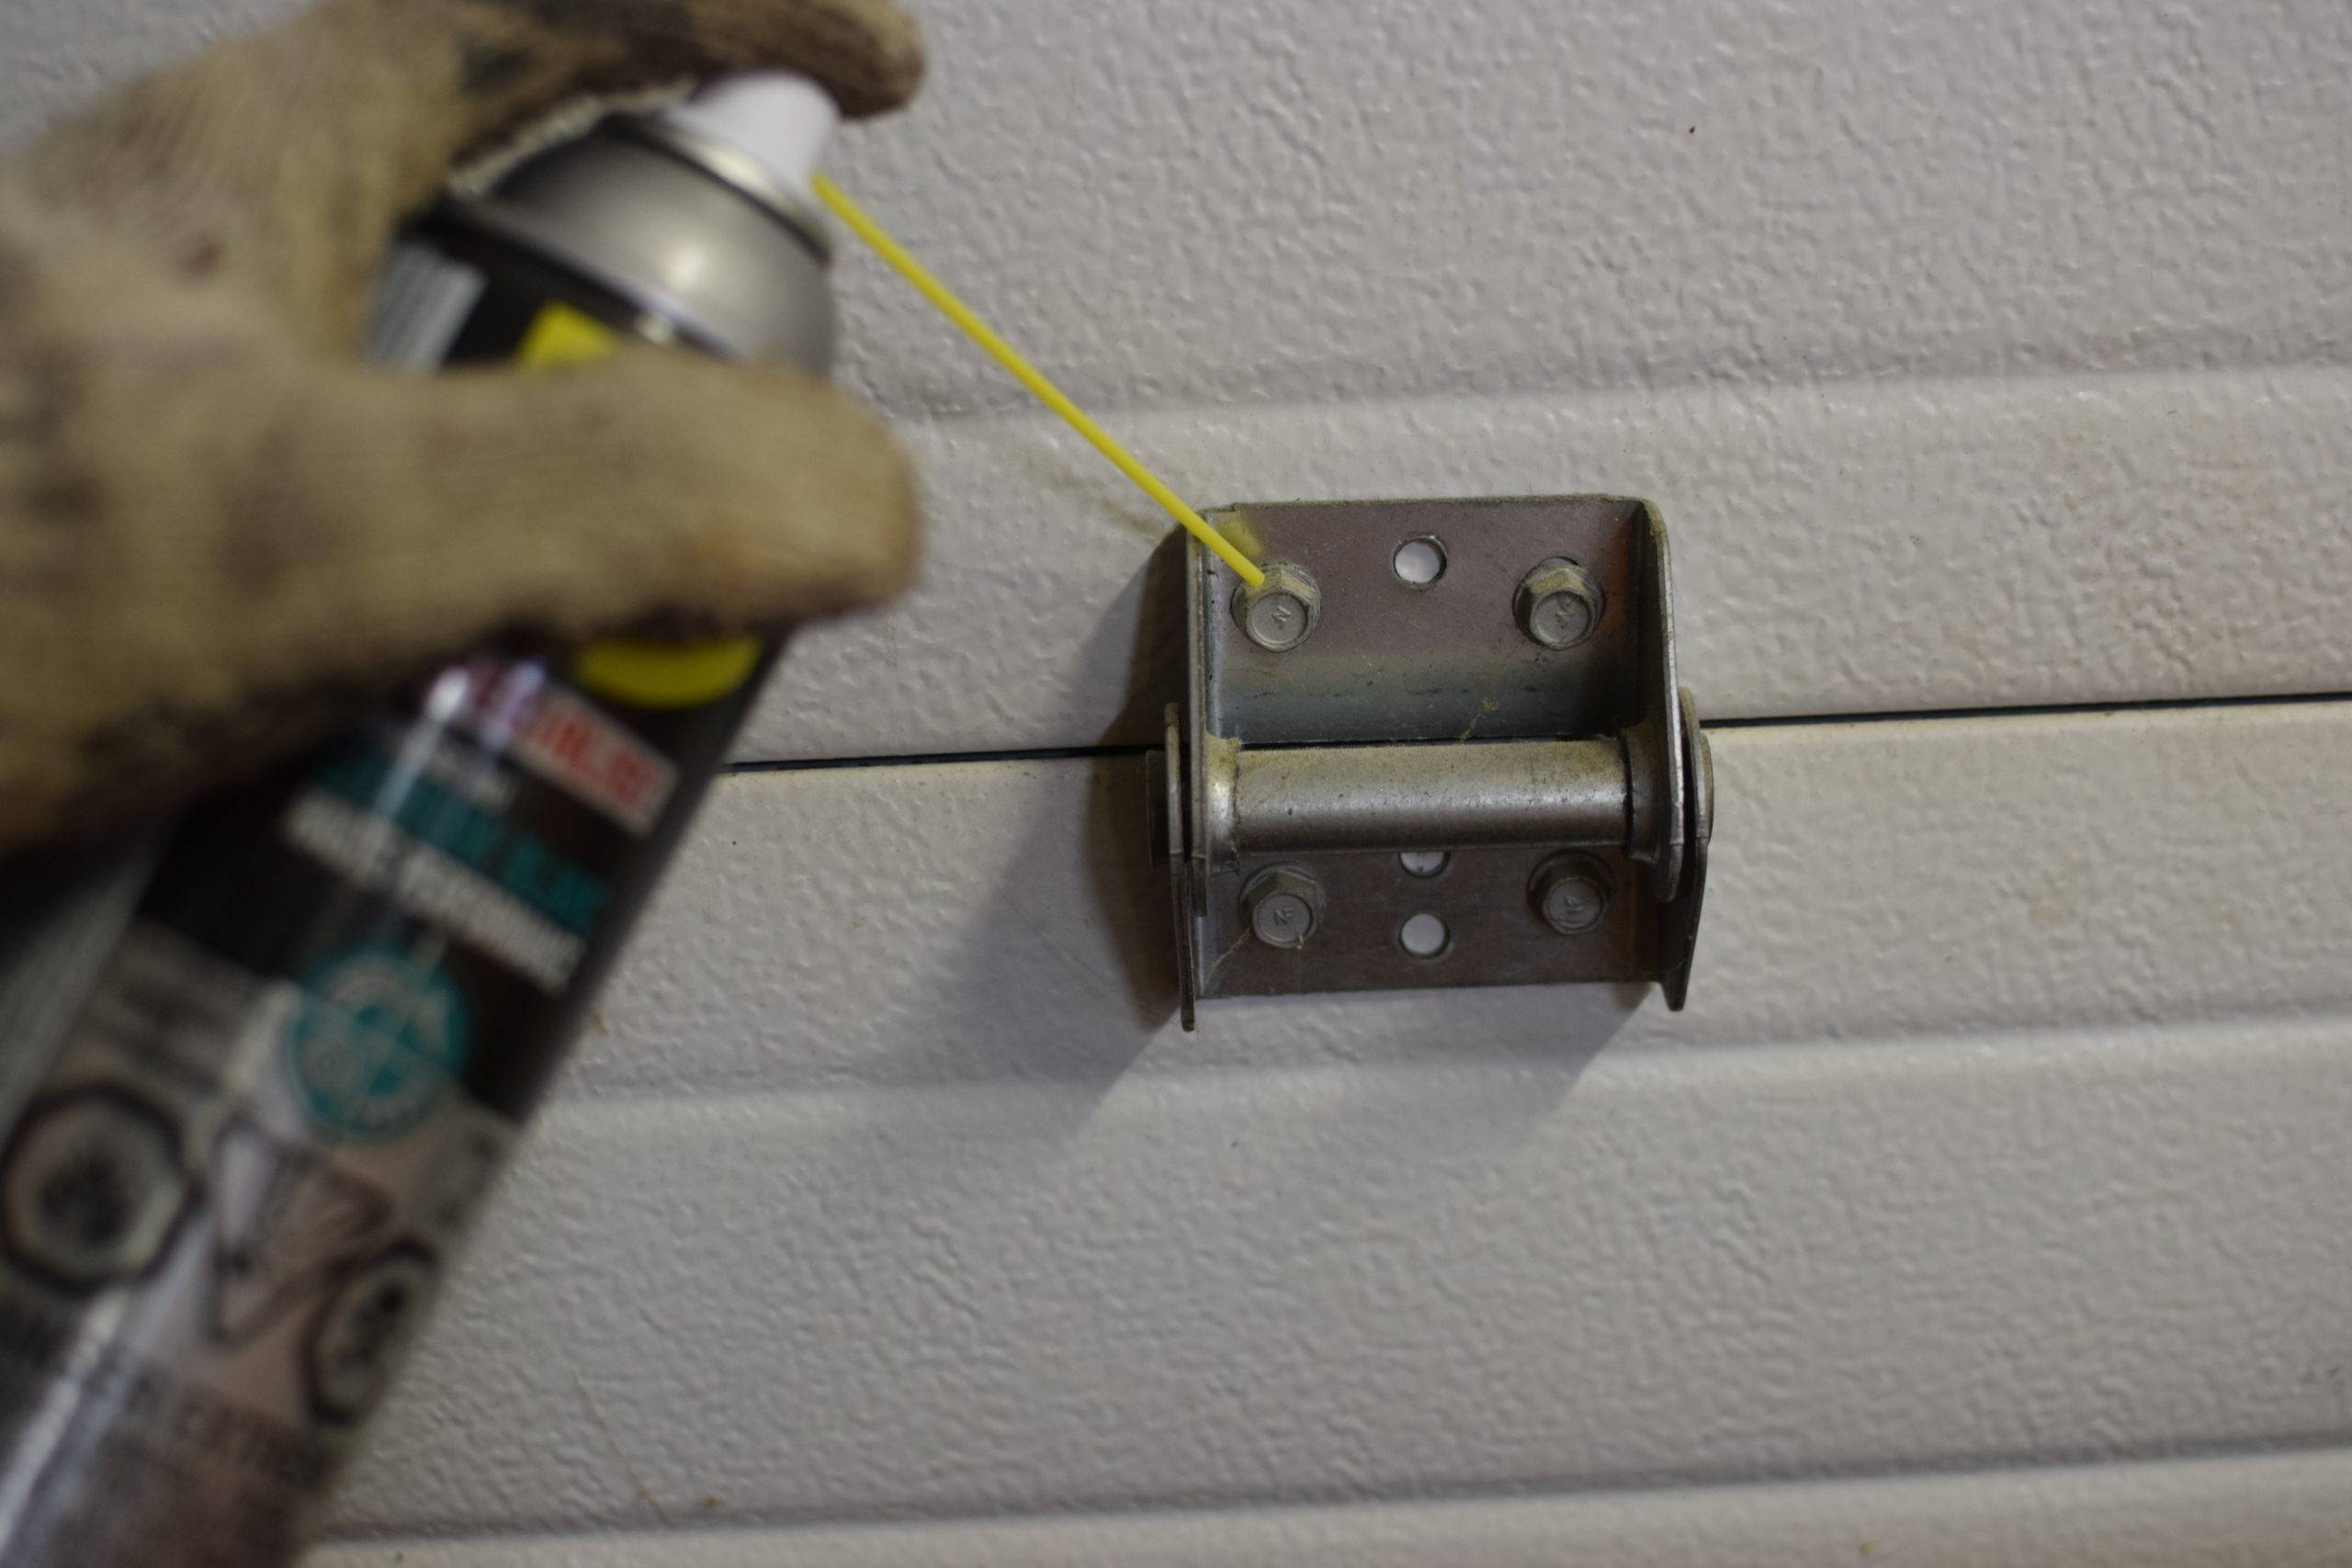 Lubricating a part of garage door